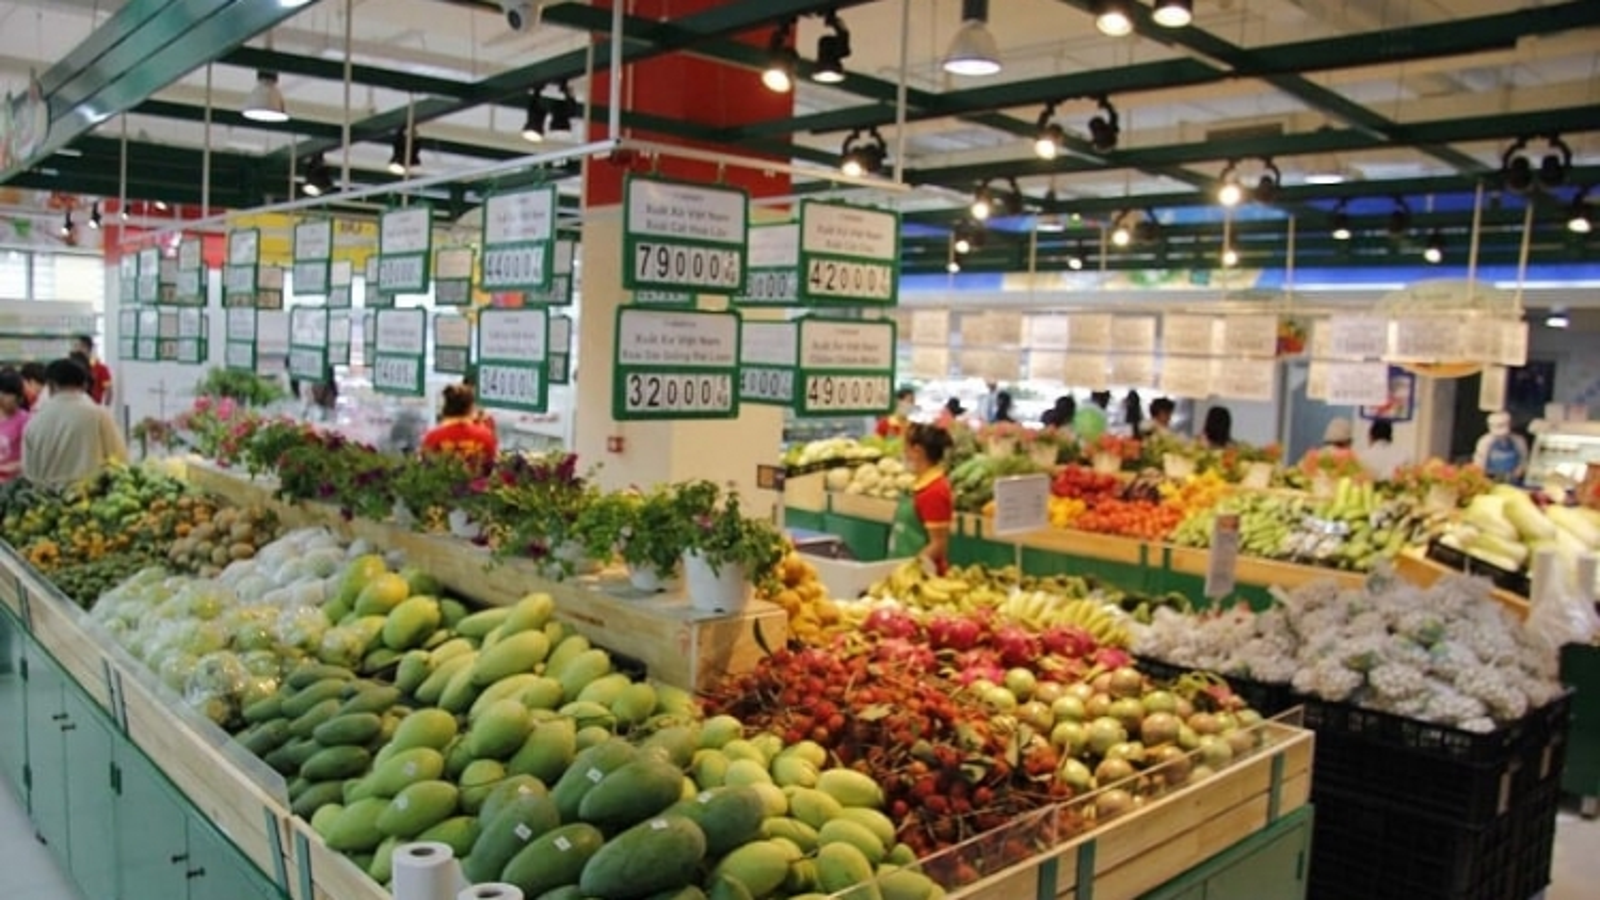 Đà Nẵng dự trữ thực phẩm đủ phục vụ người dân trong vài tháng tới